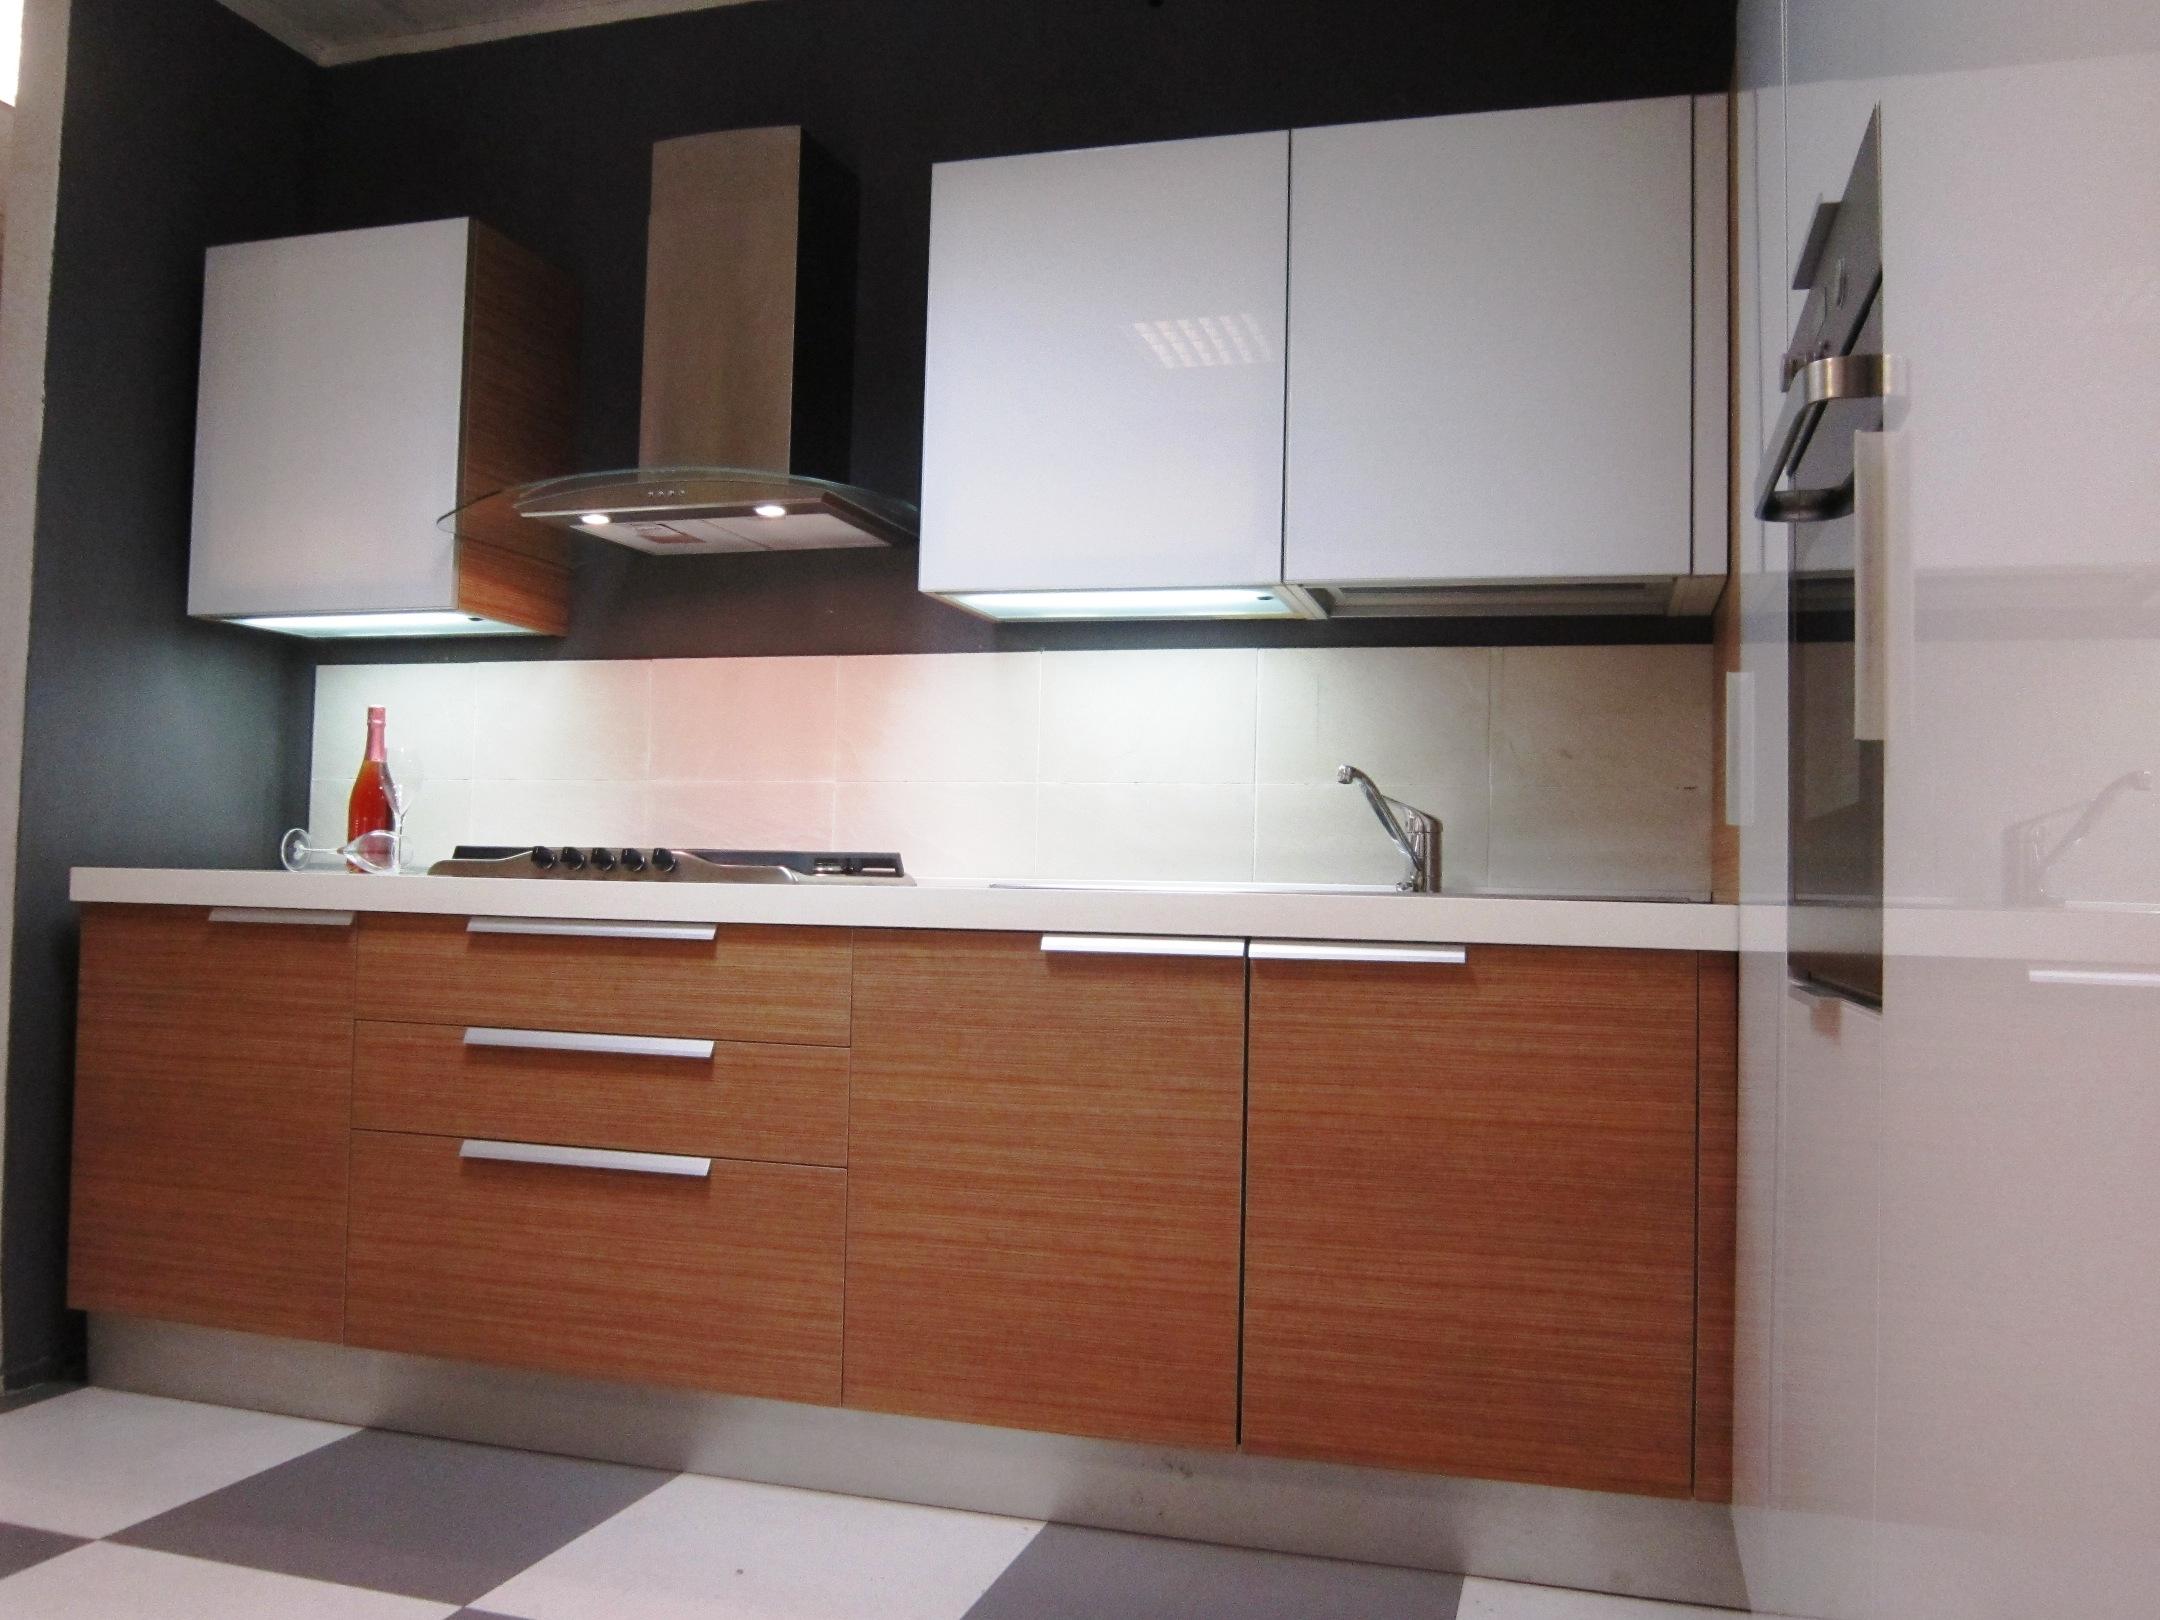 Cesar cucine cucina aria luce teack e bianco moderna vetro bianca cucine a prezzi scontati - Luce per cucina ...